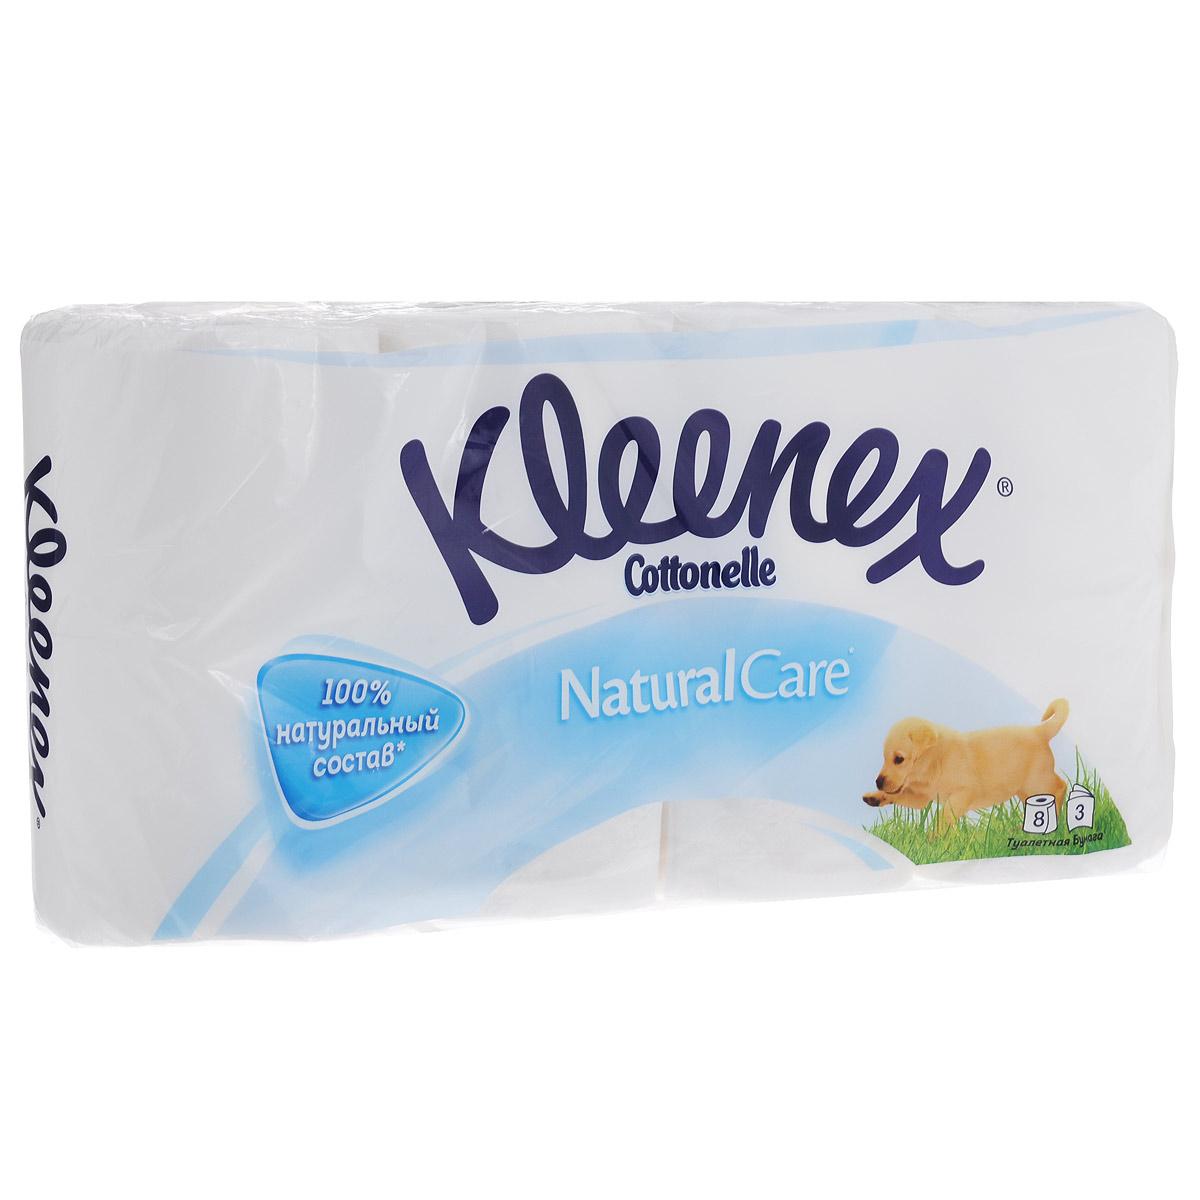 Туалетная бумага Kleenex Natural Care, трехслойная, цвет: белый, 8 рулоновa026124Трехслойная туалетная бумага Kleenex Natural Care изготовлена из целлюлозы высшего качества. Мягкая, нежная, но в тоже время прочная, бумага не расслаивается и отрывается строго по линии перфорации. Оформлена тиснением.Туалетная бумага Kleenex Natural Care идеально подходит для ежедневного использования. Без ароматизаторов. Количество листов в рулоне: 155 шт. Количество слоев: 3. Размер листа: 9,6 см х 11,2 см. Состав: 100% целлюлоза.